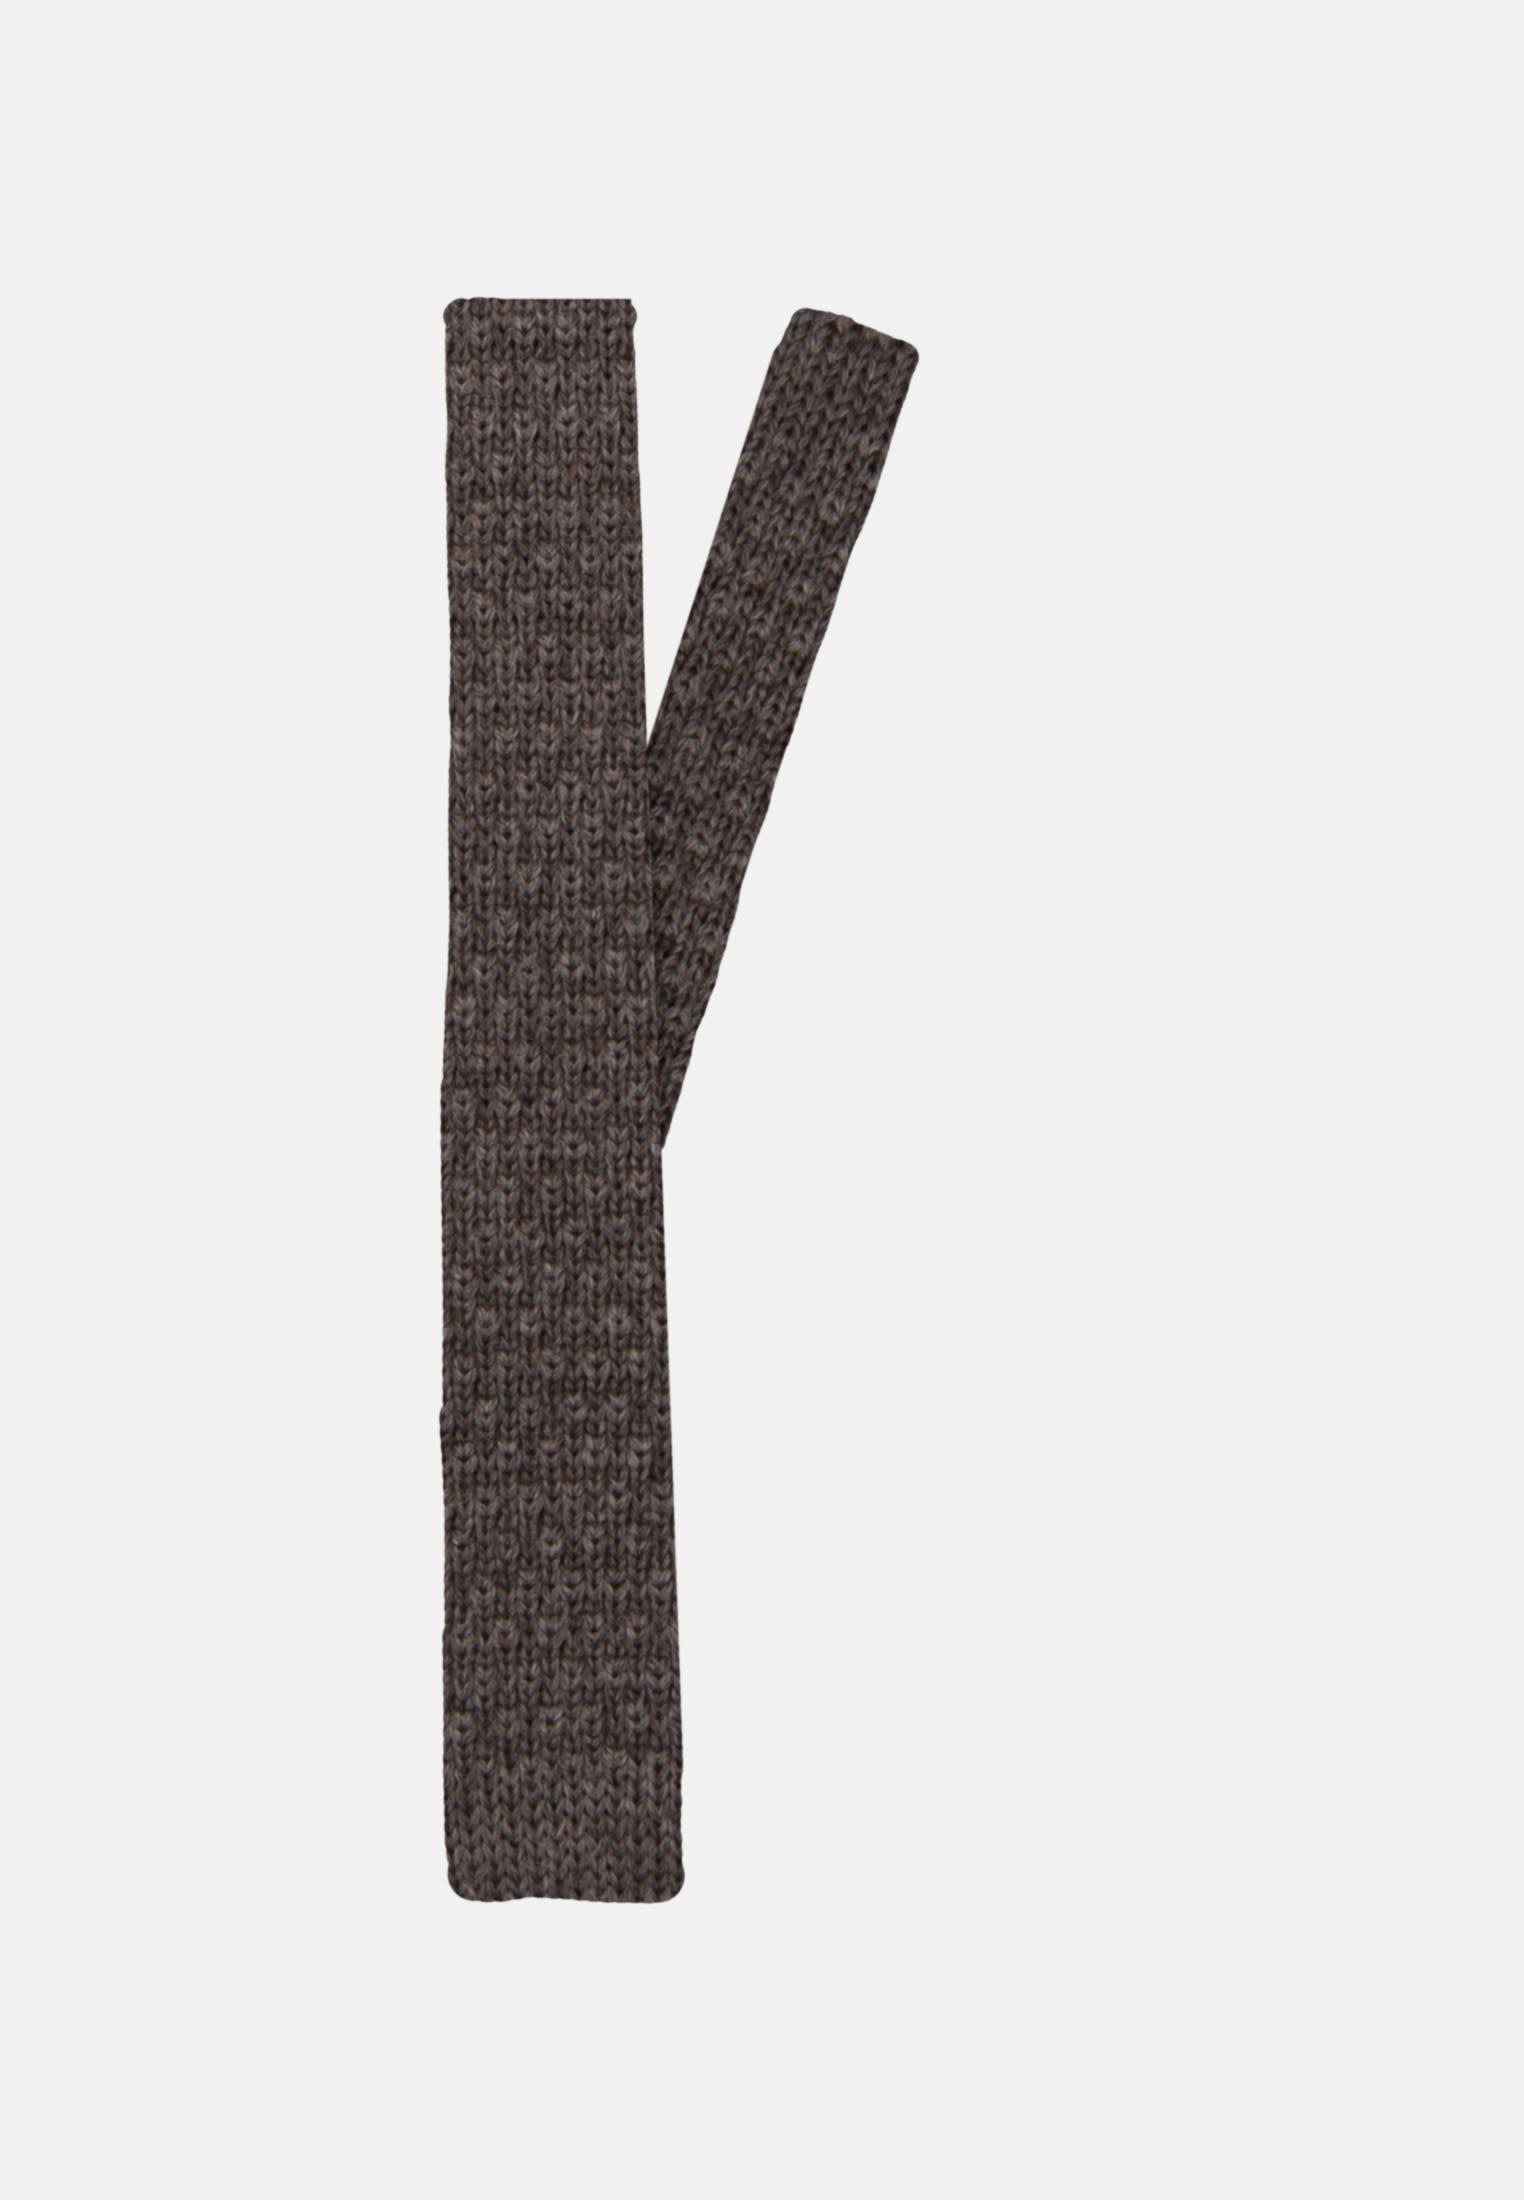 Krawatte aus 100% Wolle 5 cm Breit in Braun |  Jacques Britt Onlineshop